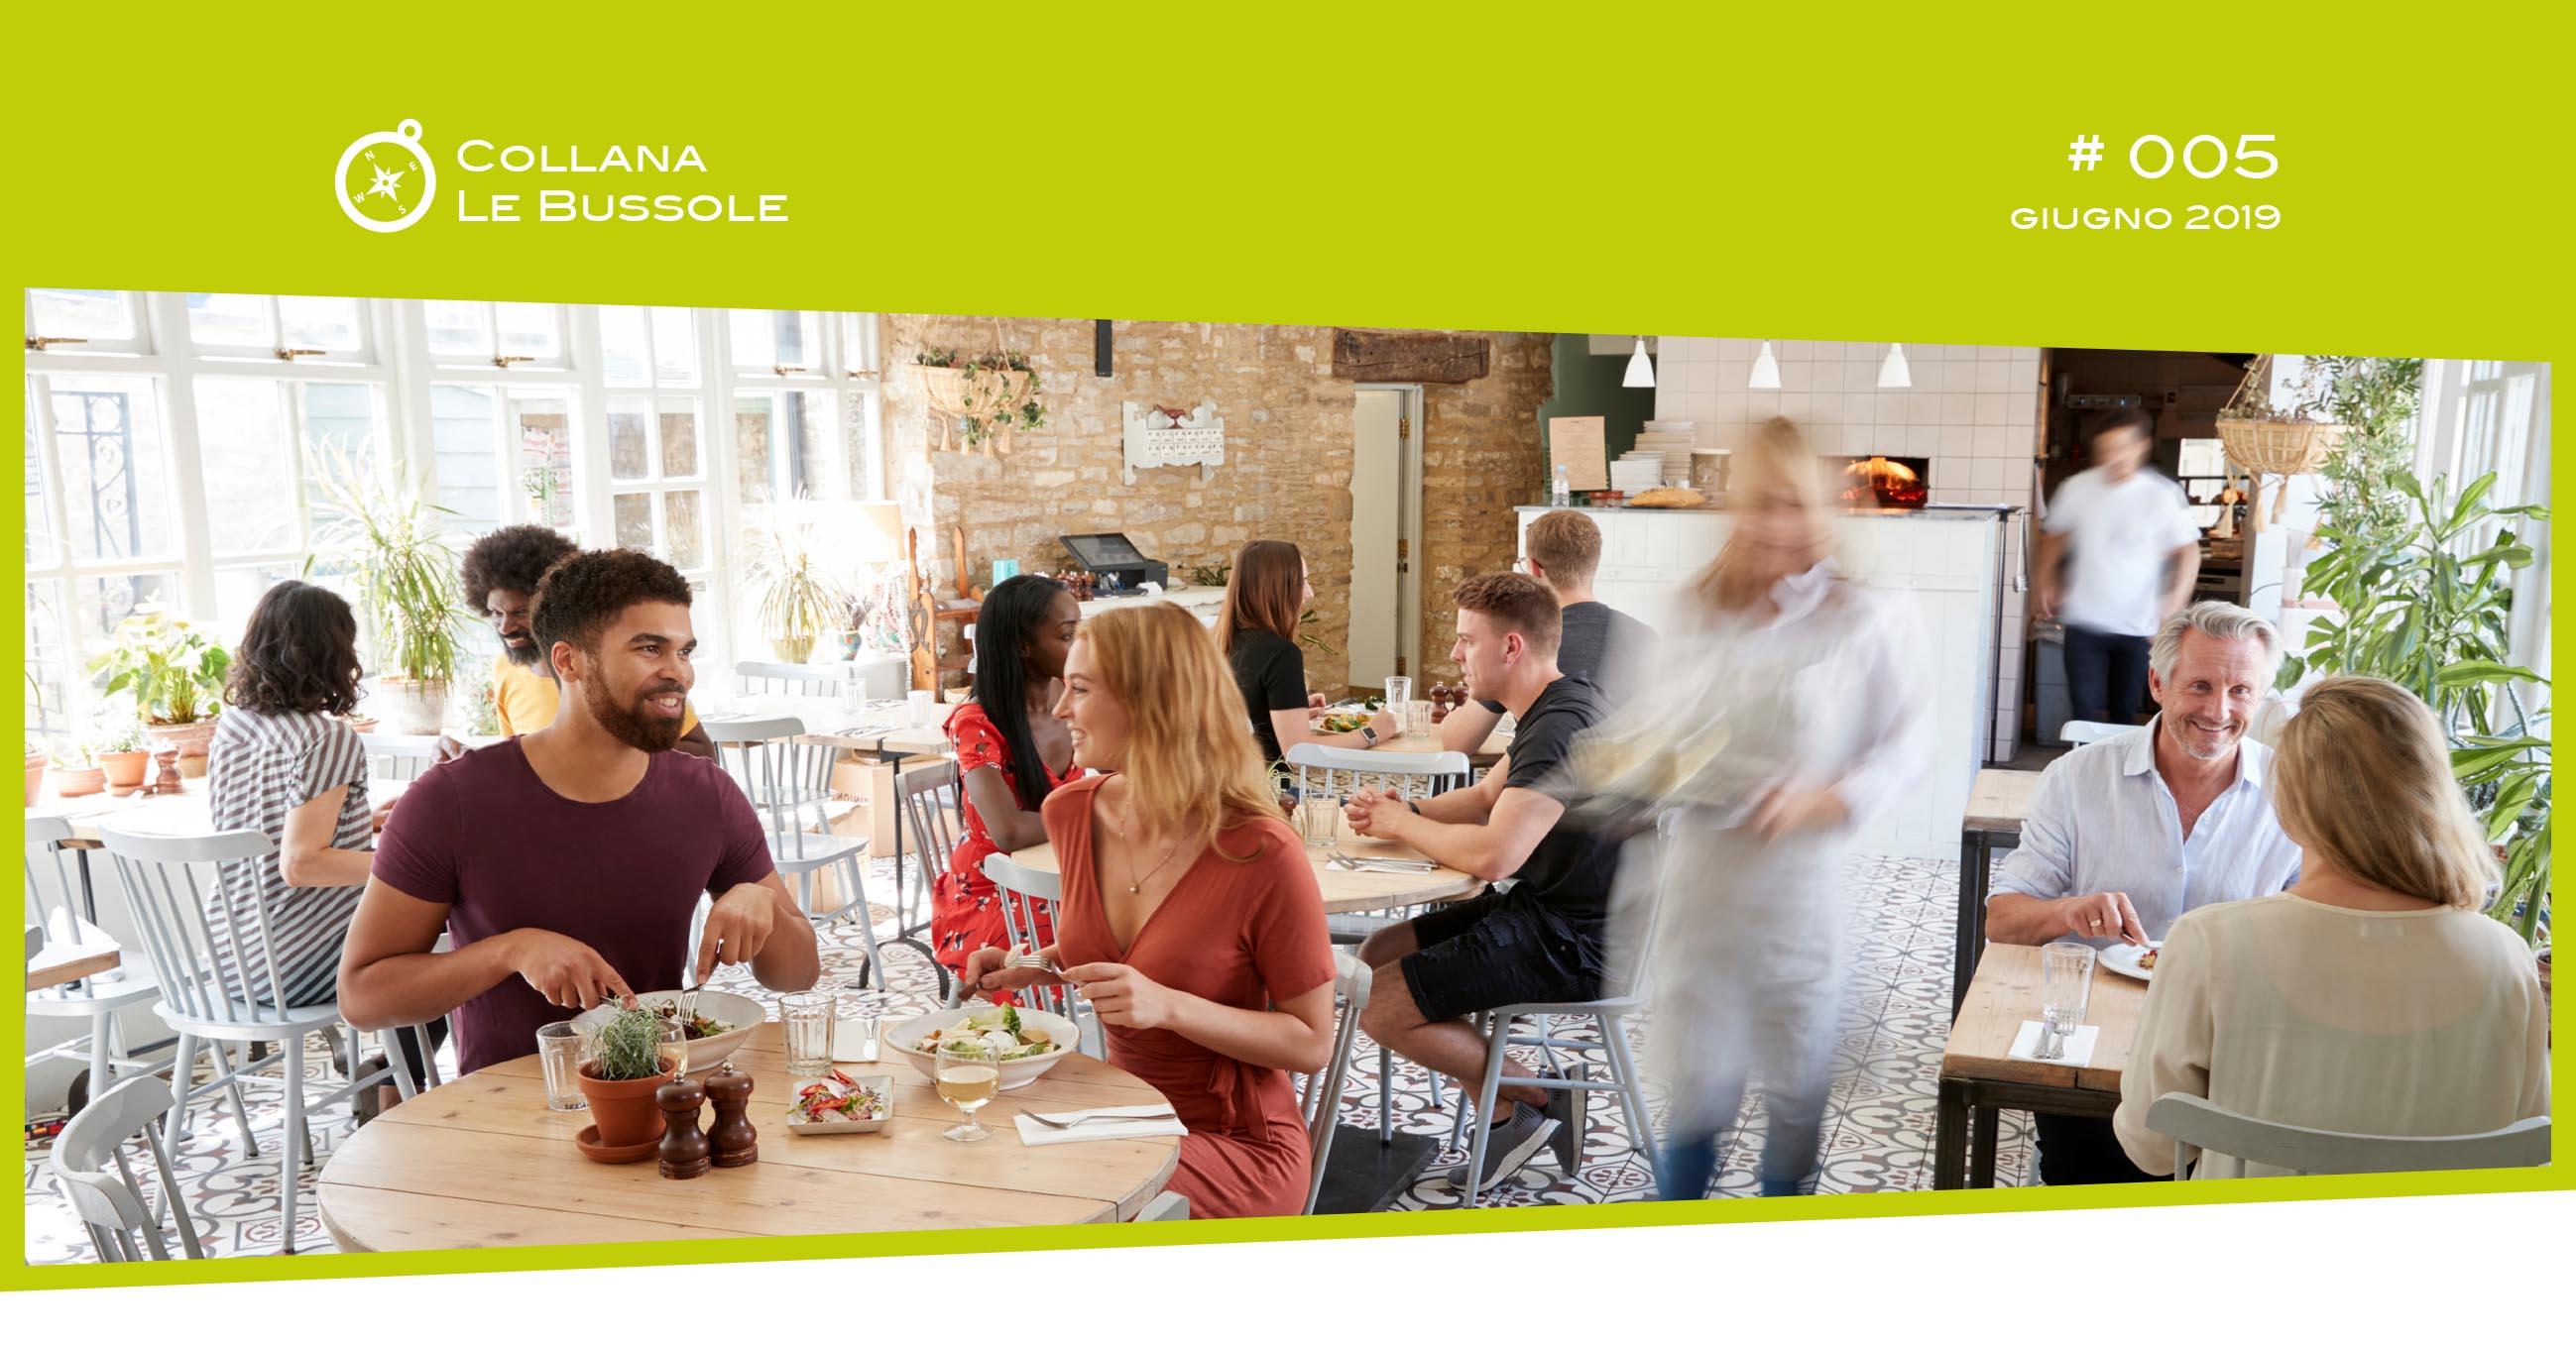 Il concept del ristorante: scegliere cosa offrire e a chi offrirlo